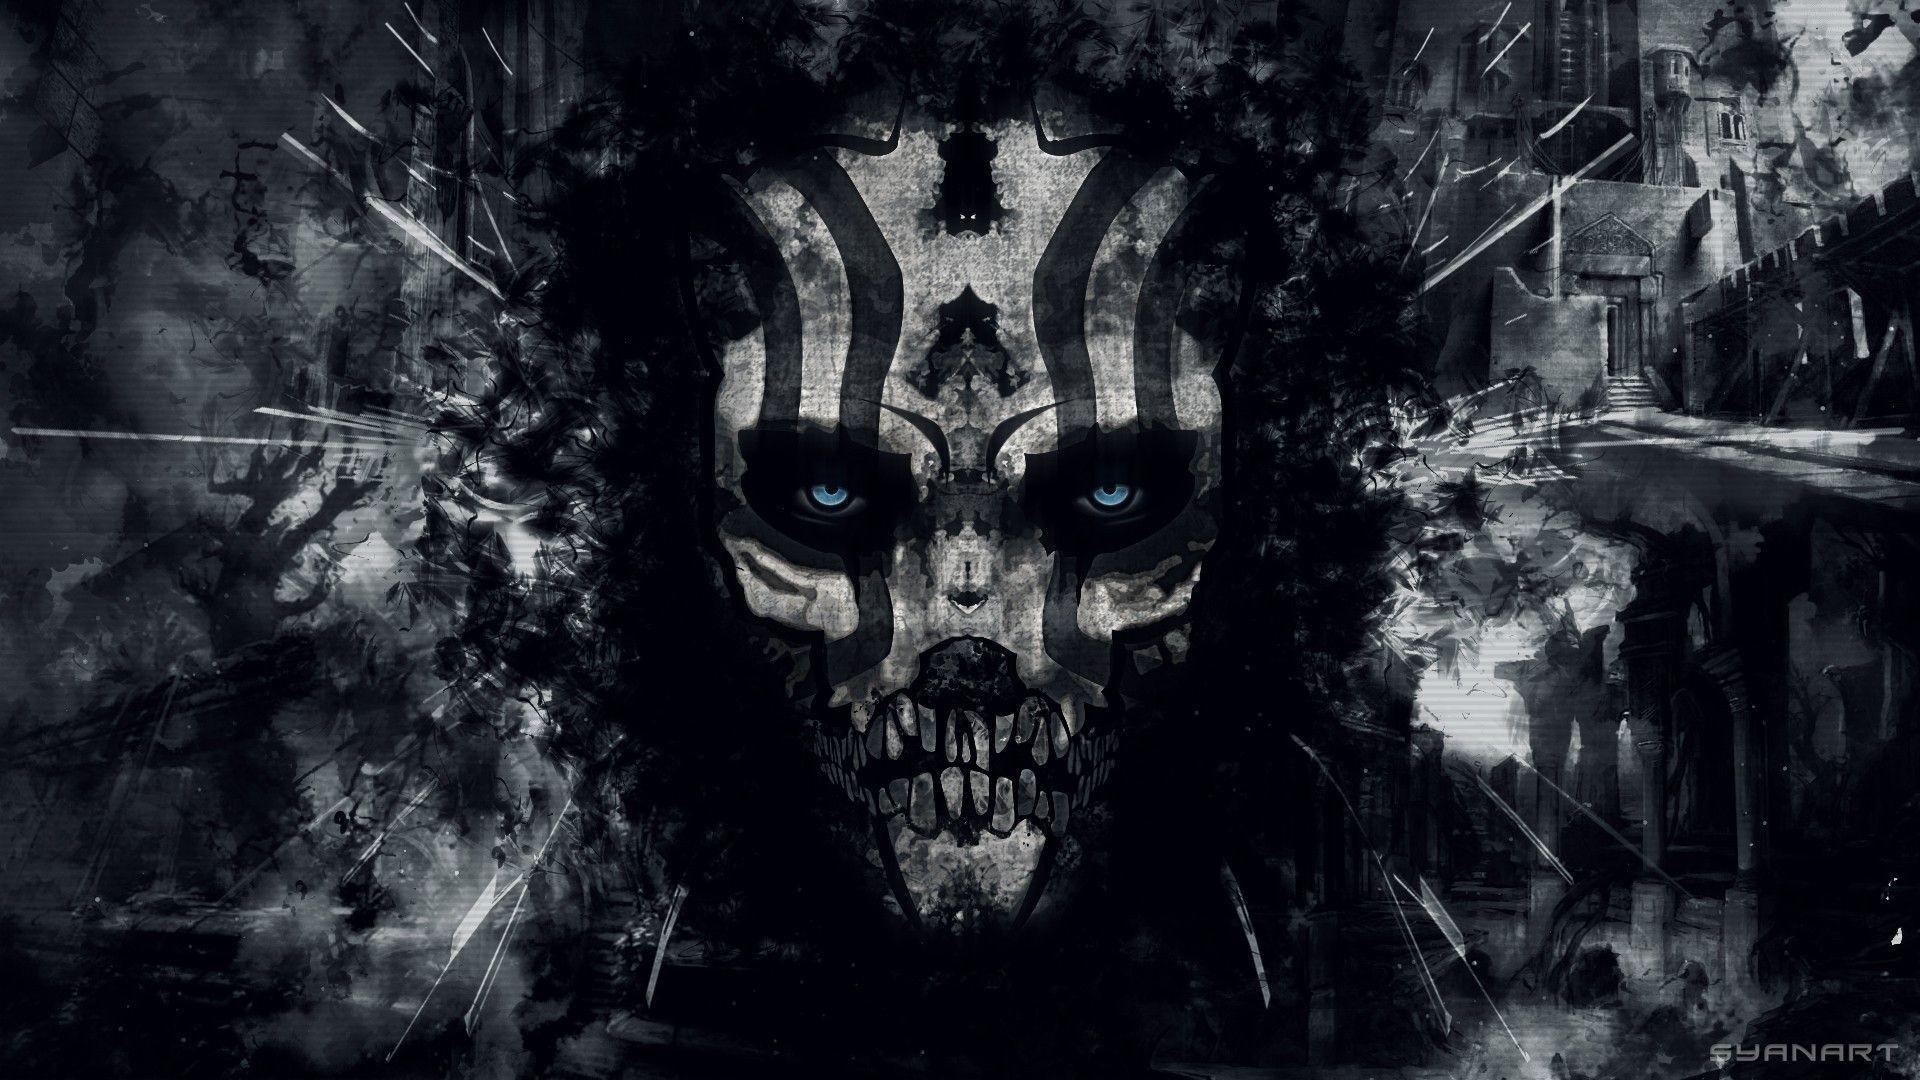 Gothic Skull Wallpaper 52 Images